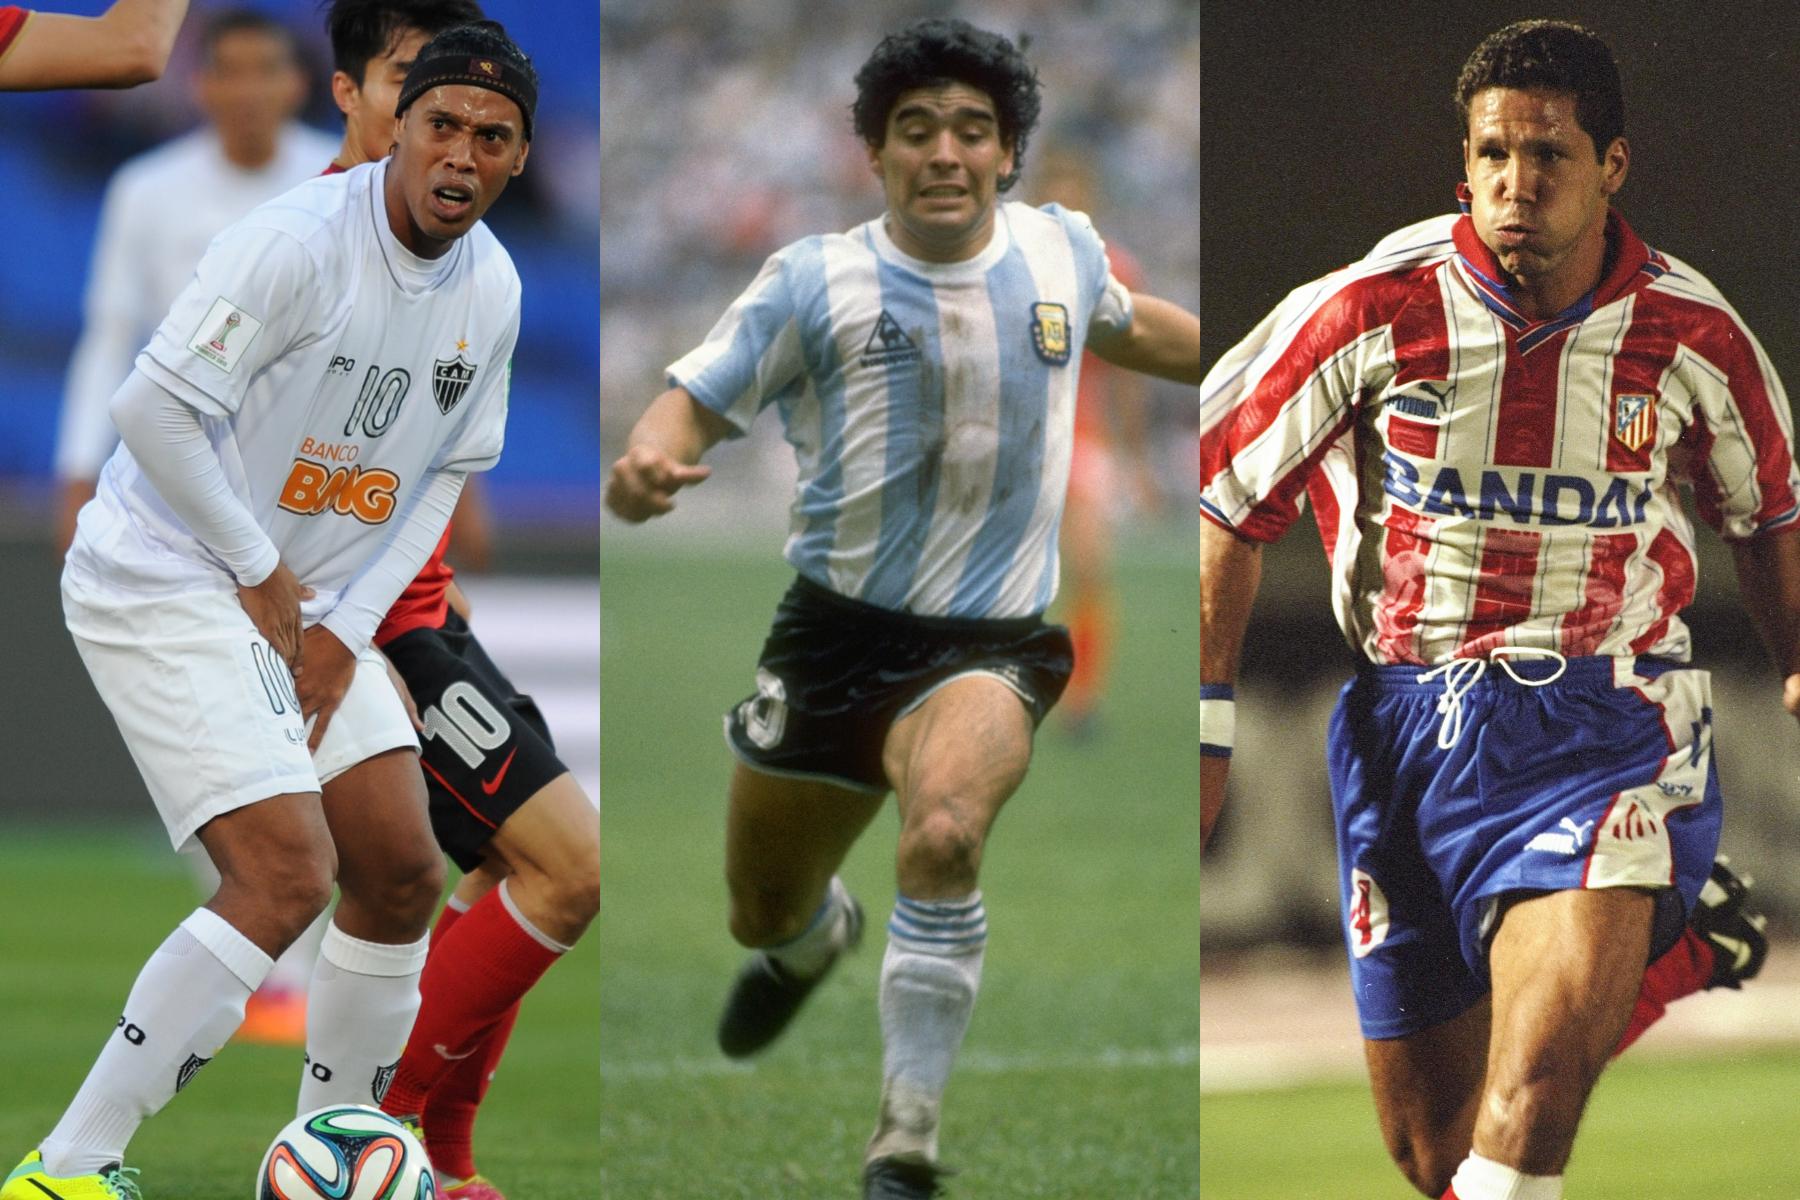 Cracks de grandes logros que dejaron una 'deuda pendiente' en su carrera futbolística